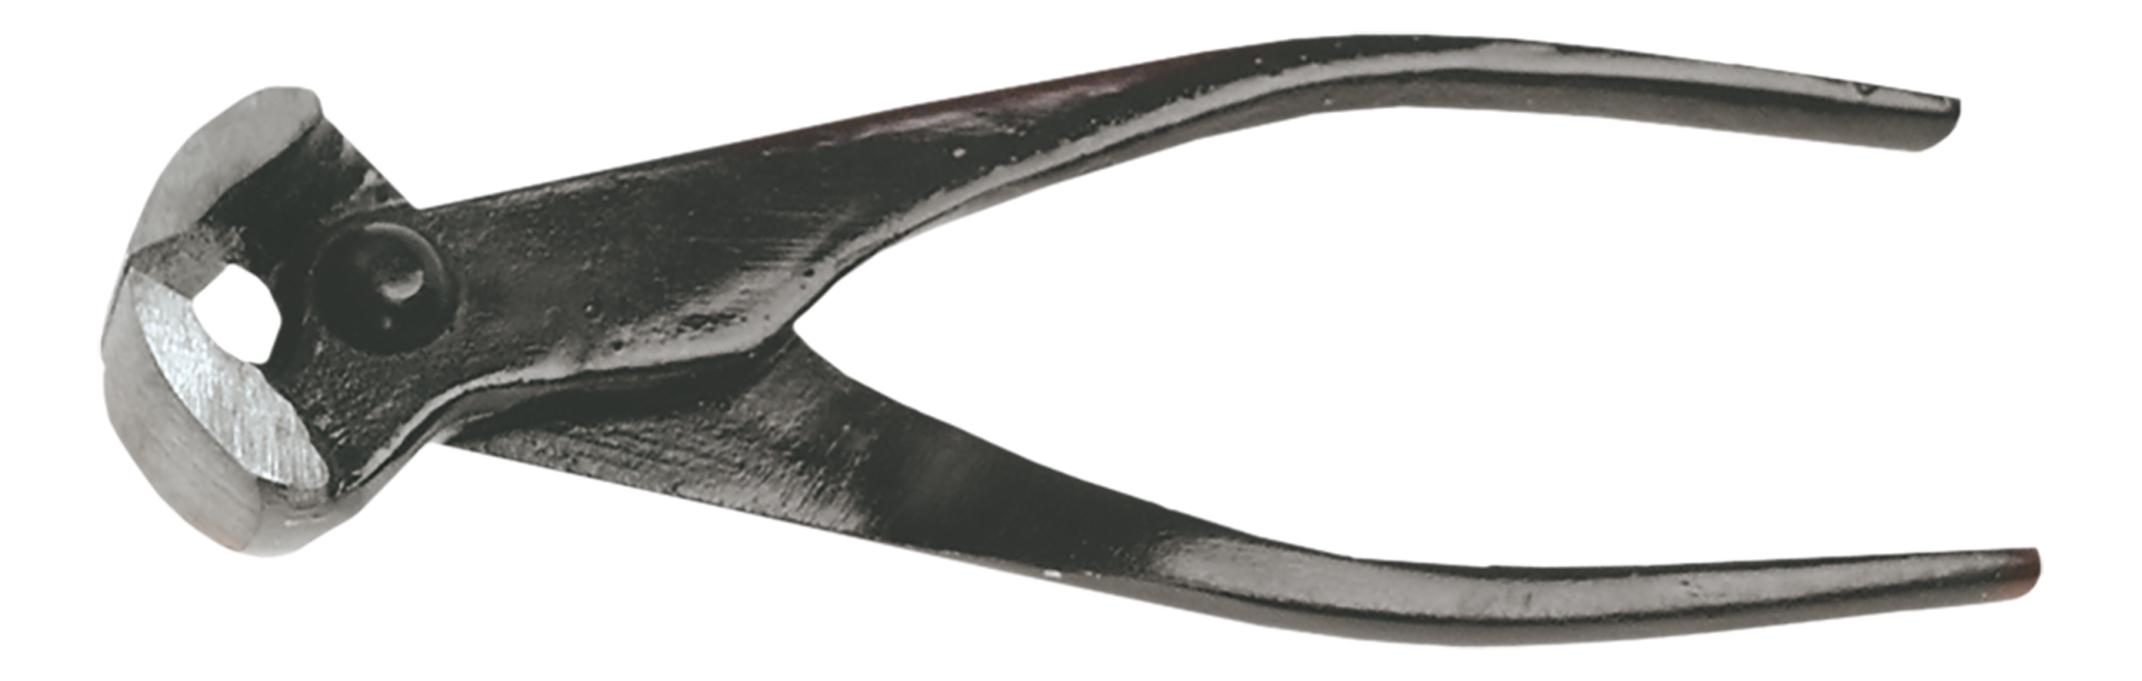 Кусачки Top tools 32d143 диэлектрические боковые кусачки shtok 1000в 160 мм 08104